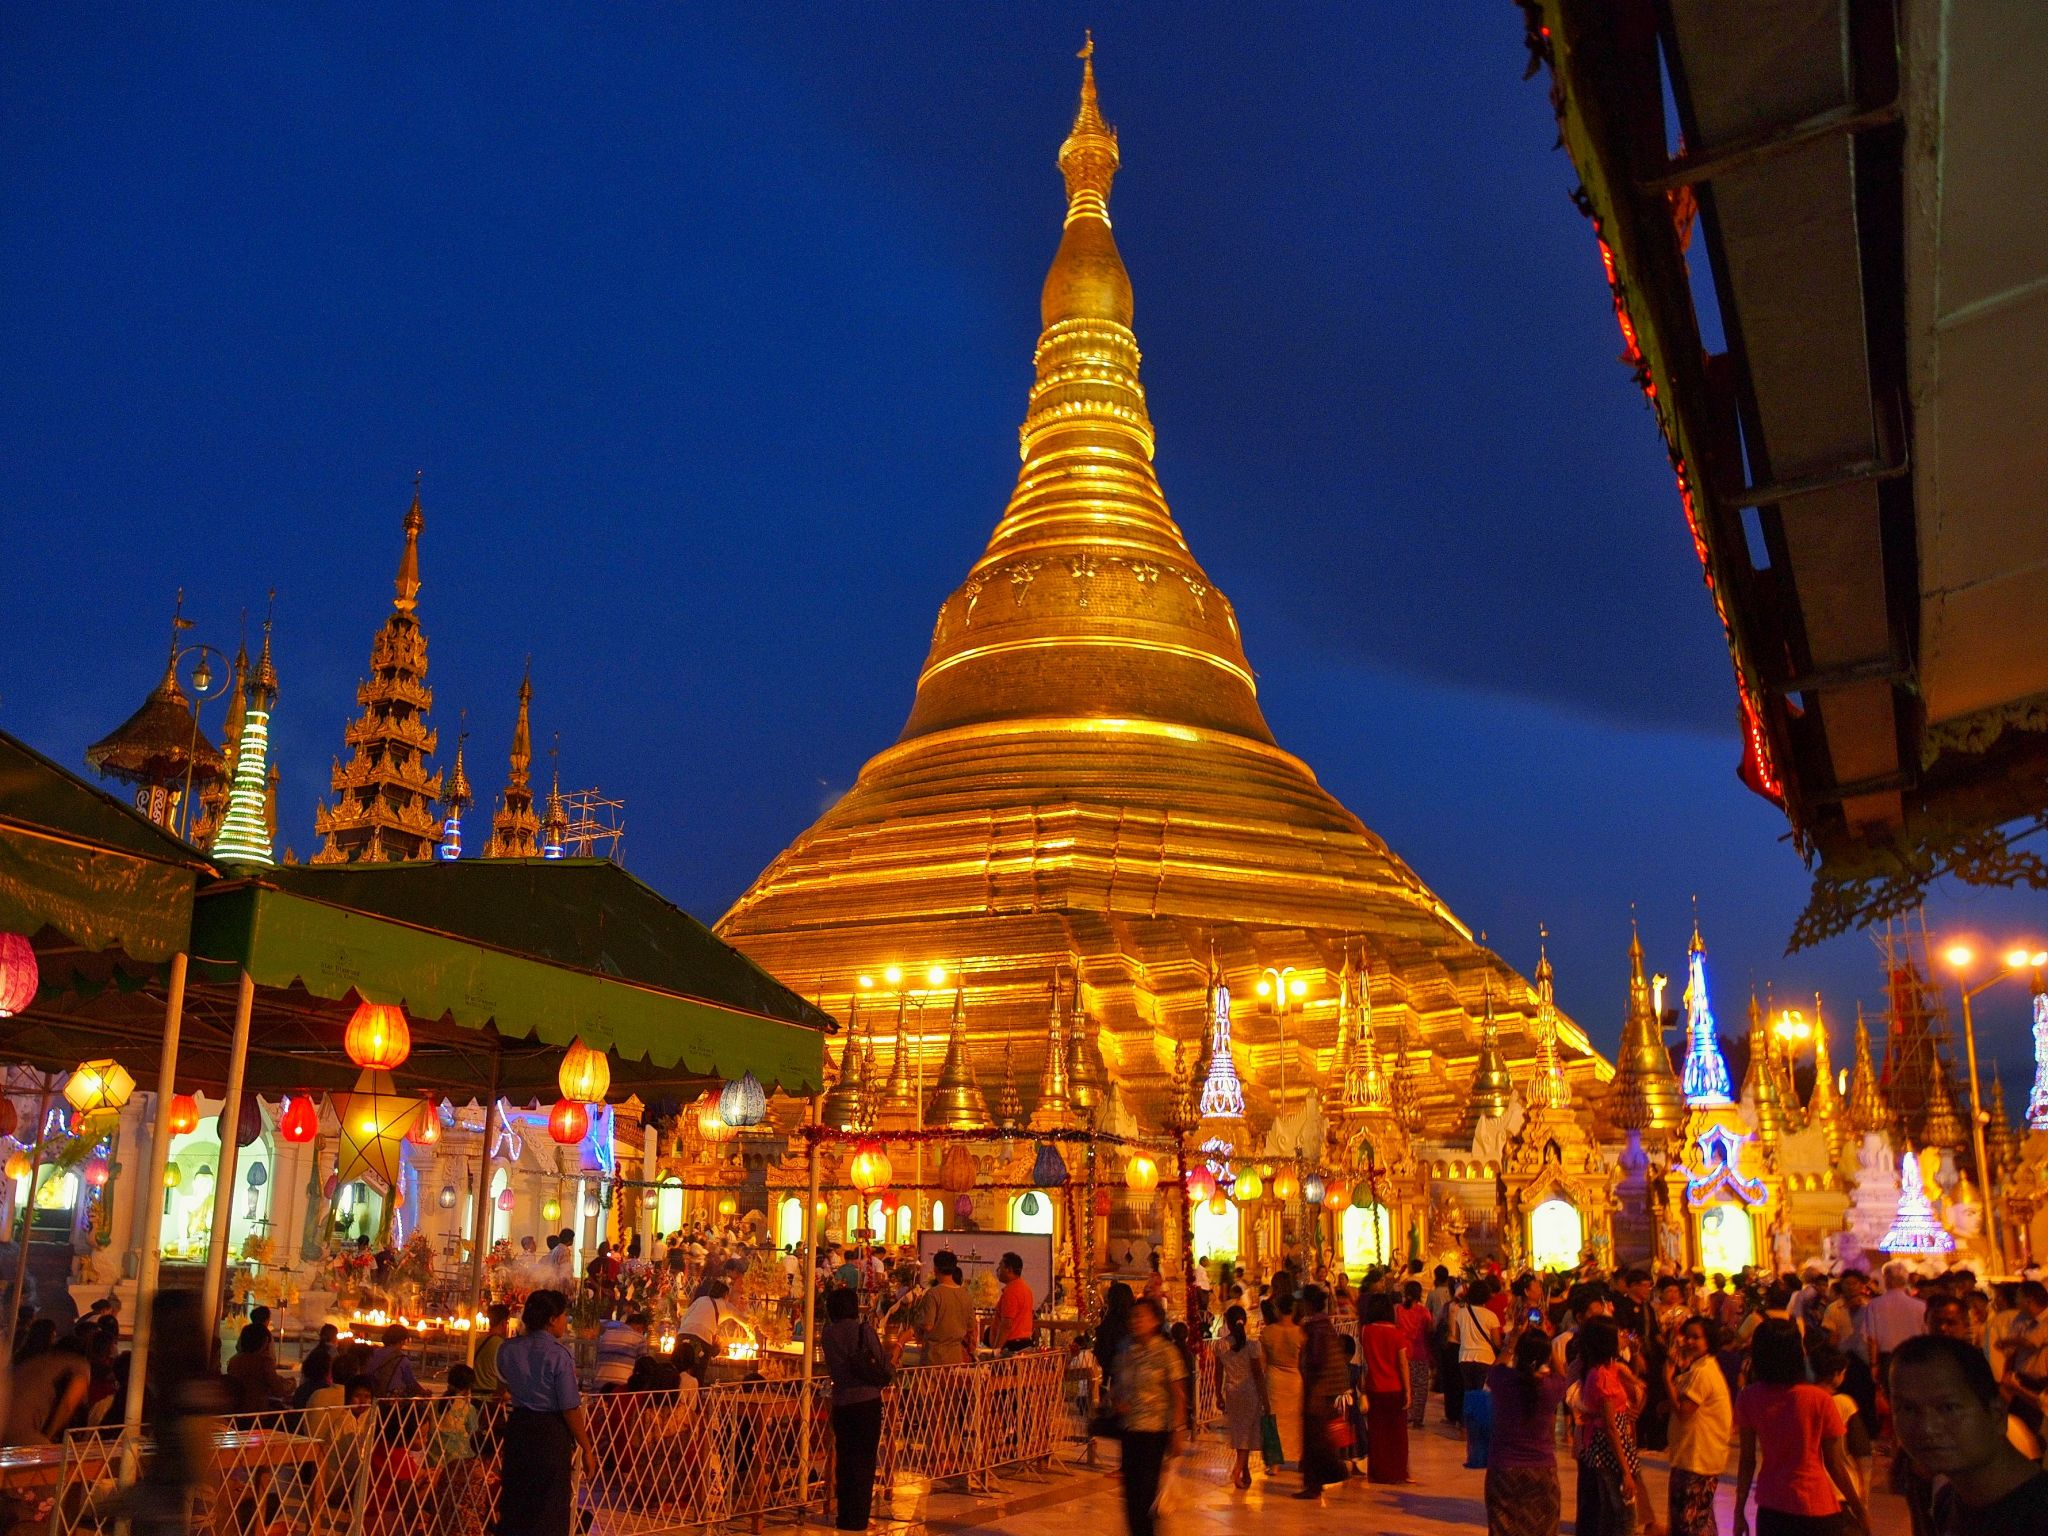 Pagoda in Myanmar, Myanmar